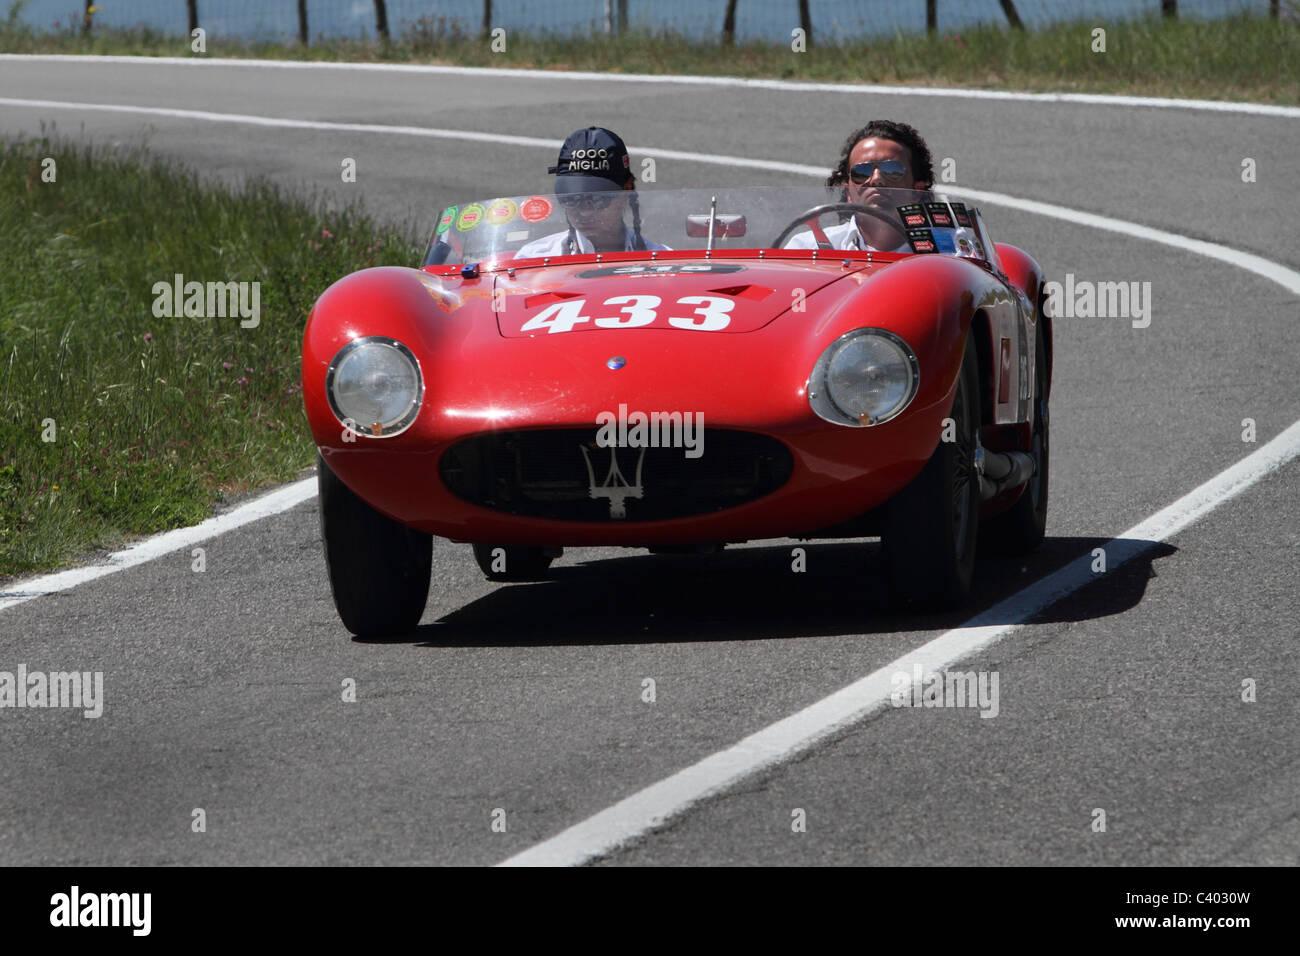 Mille Miglia 2011 Maserati - Stock Image